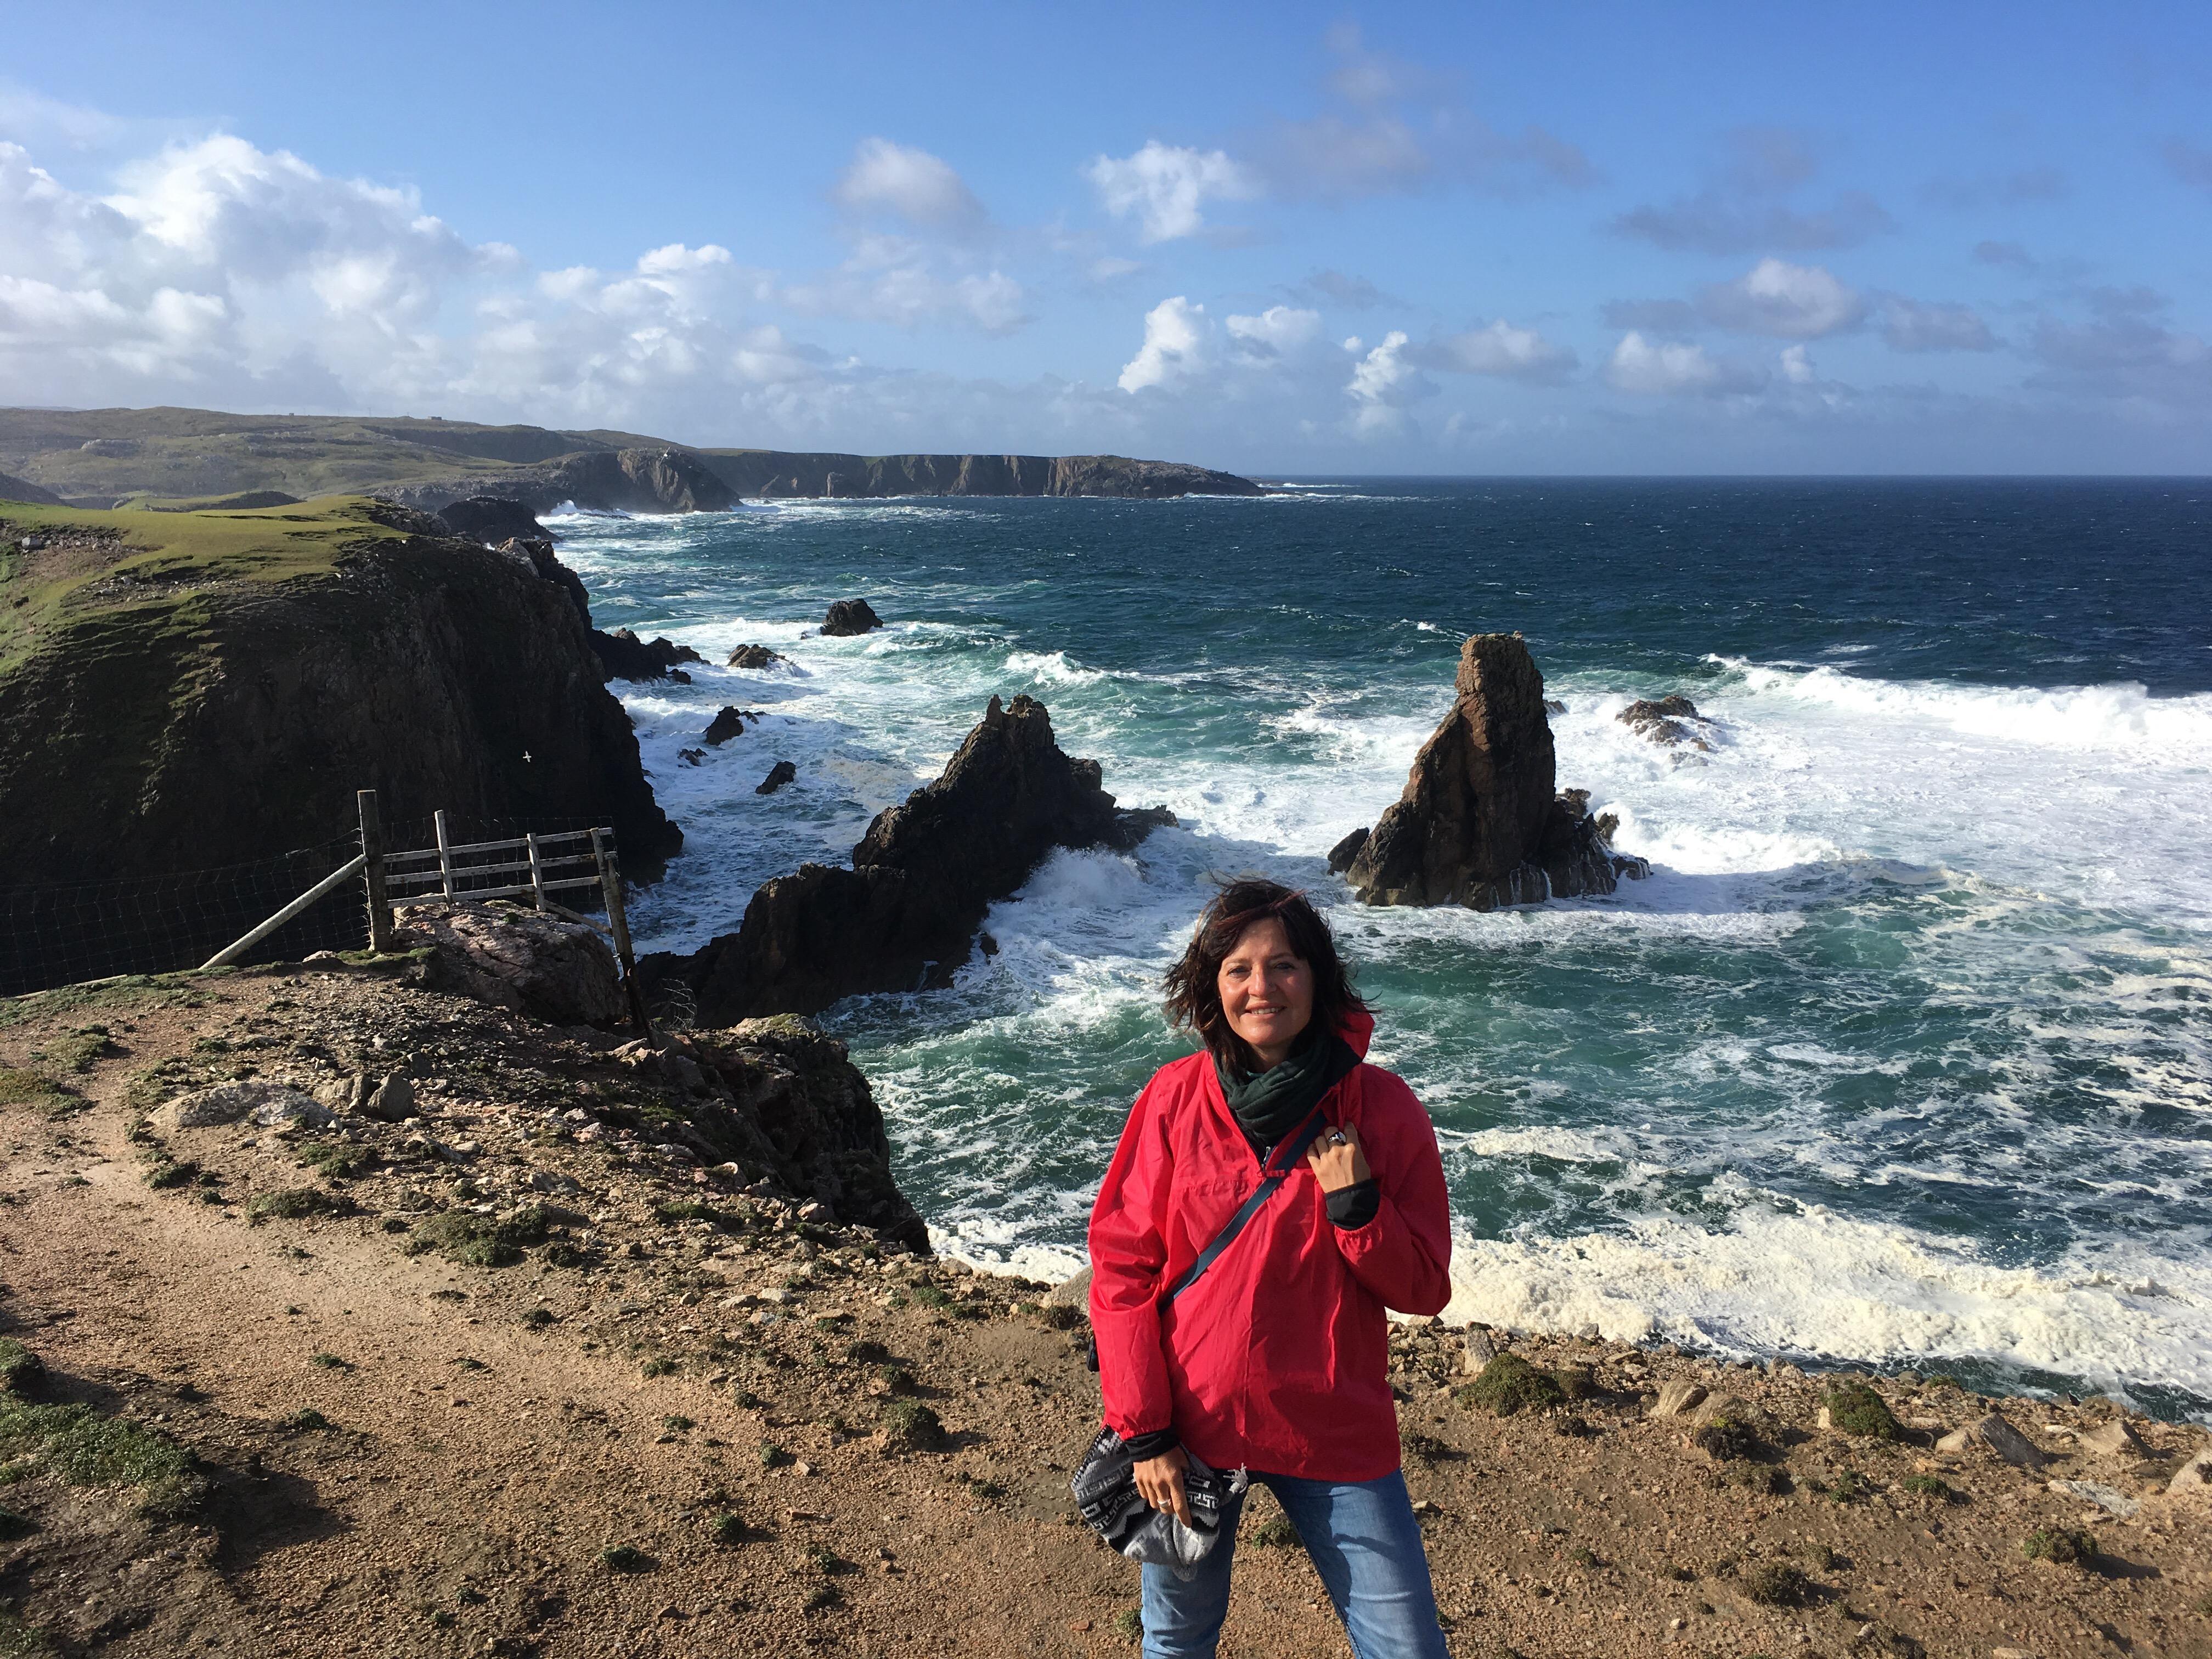 Fotospots in Schottland - Aussicht von einer Klippe über den Strand von Mangersta auf der Isle of Lewis